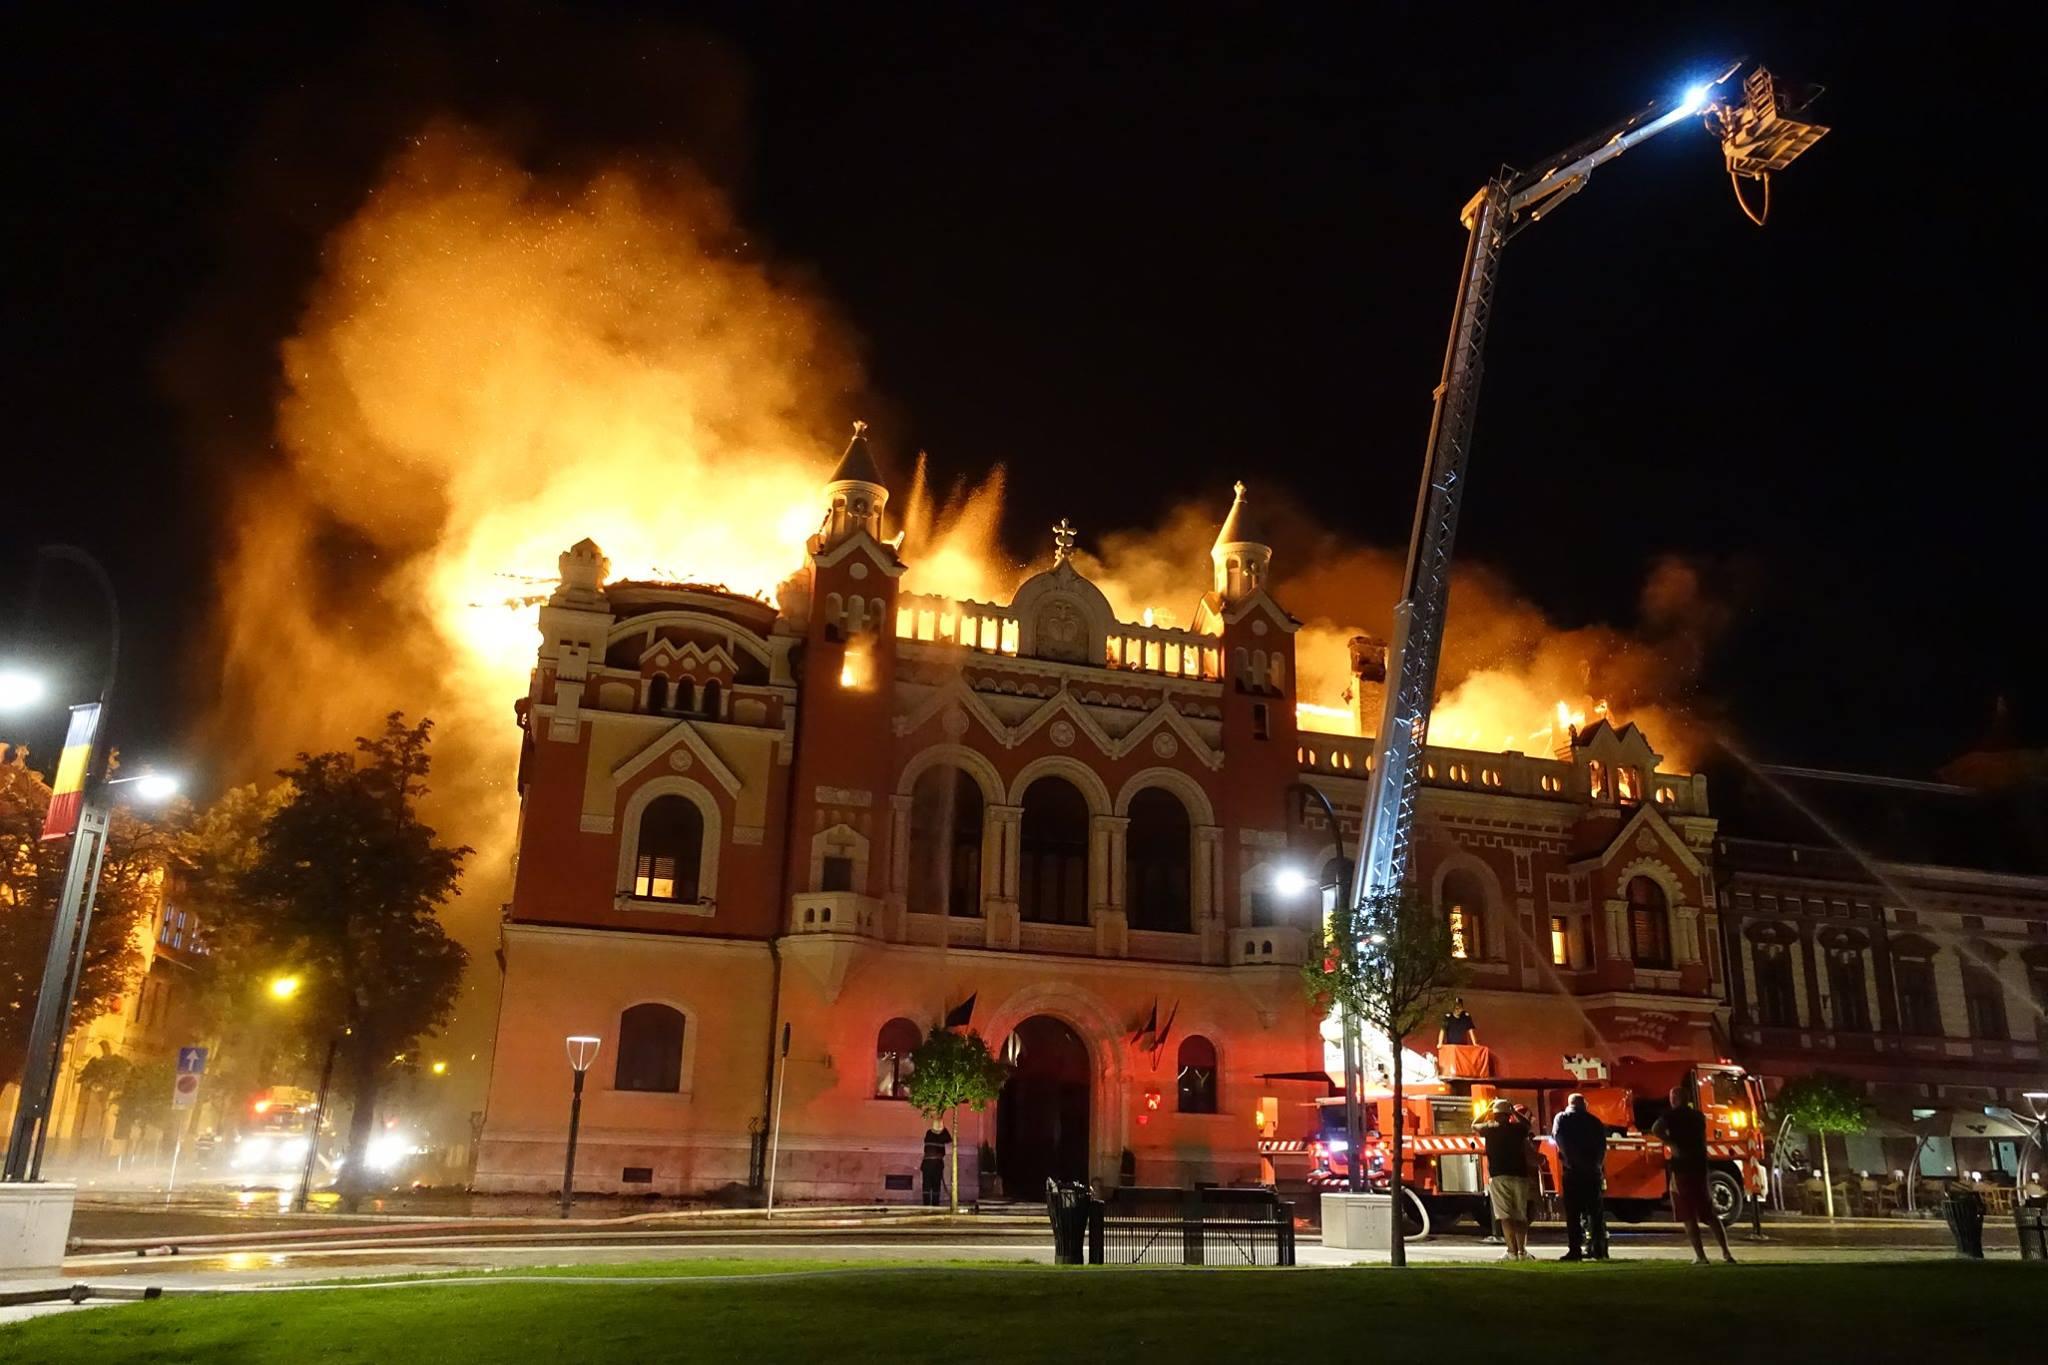 Incendiu Oradea Palatul episcopal 25 august 2018